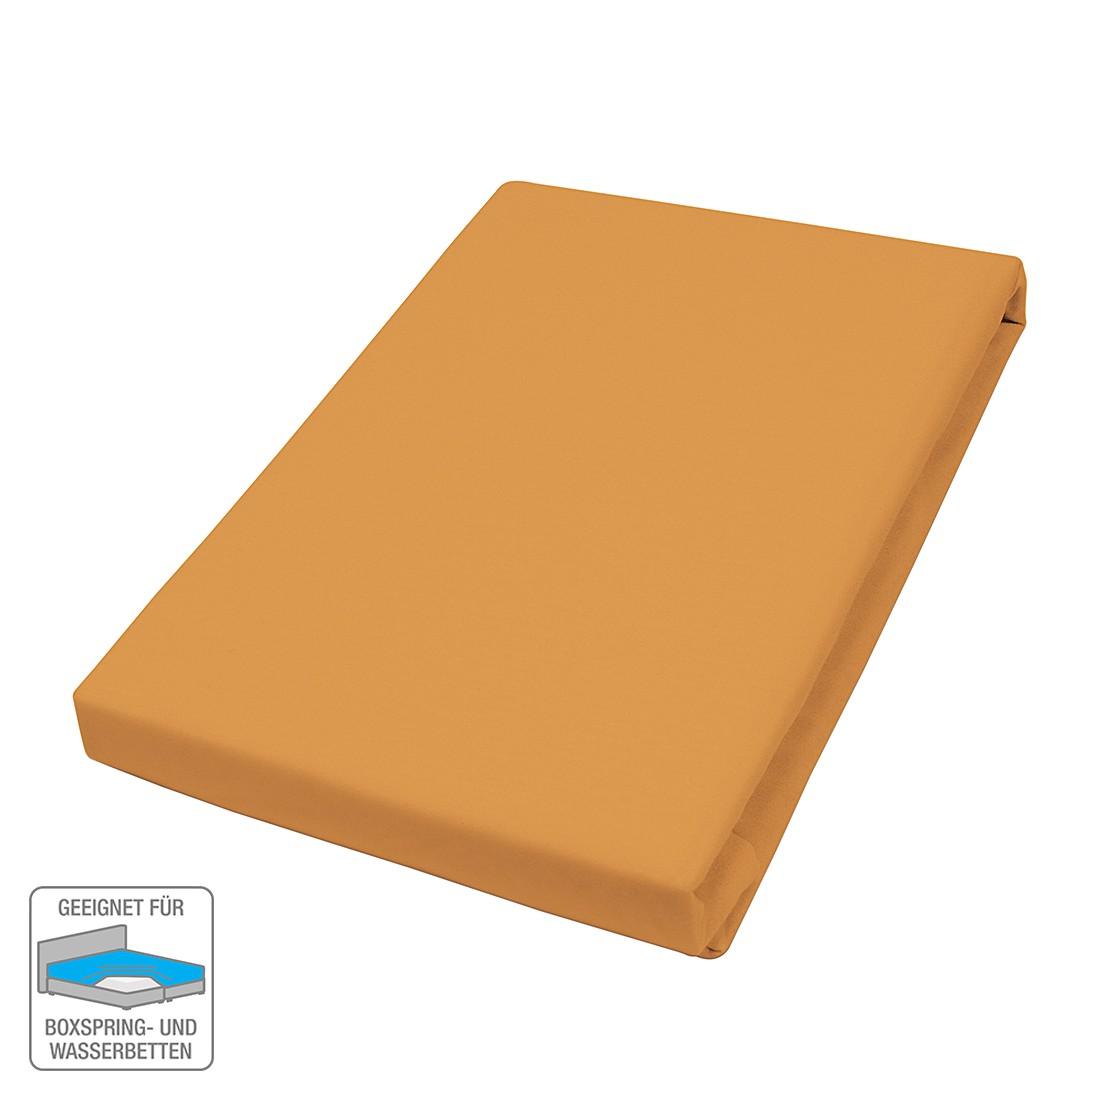 elastan feinjersey spannbetttuch orange 180 200 x 200. Black Bedroom Furniture Sets. Home Design Ideas